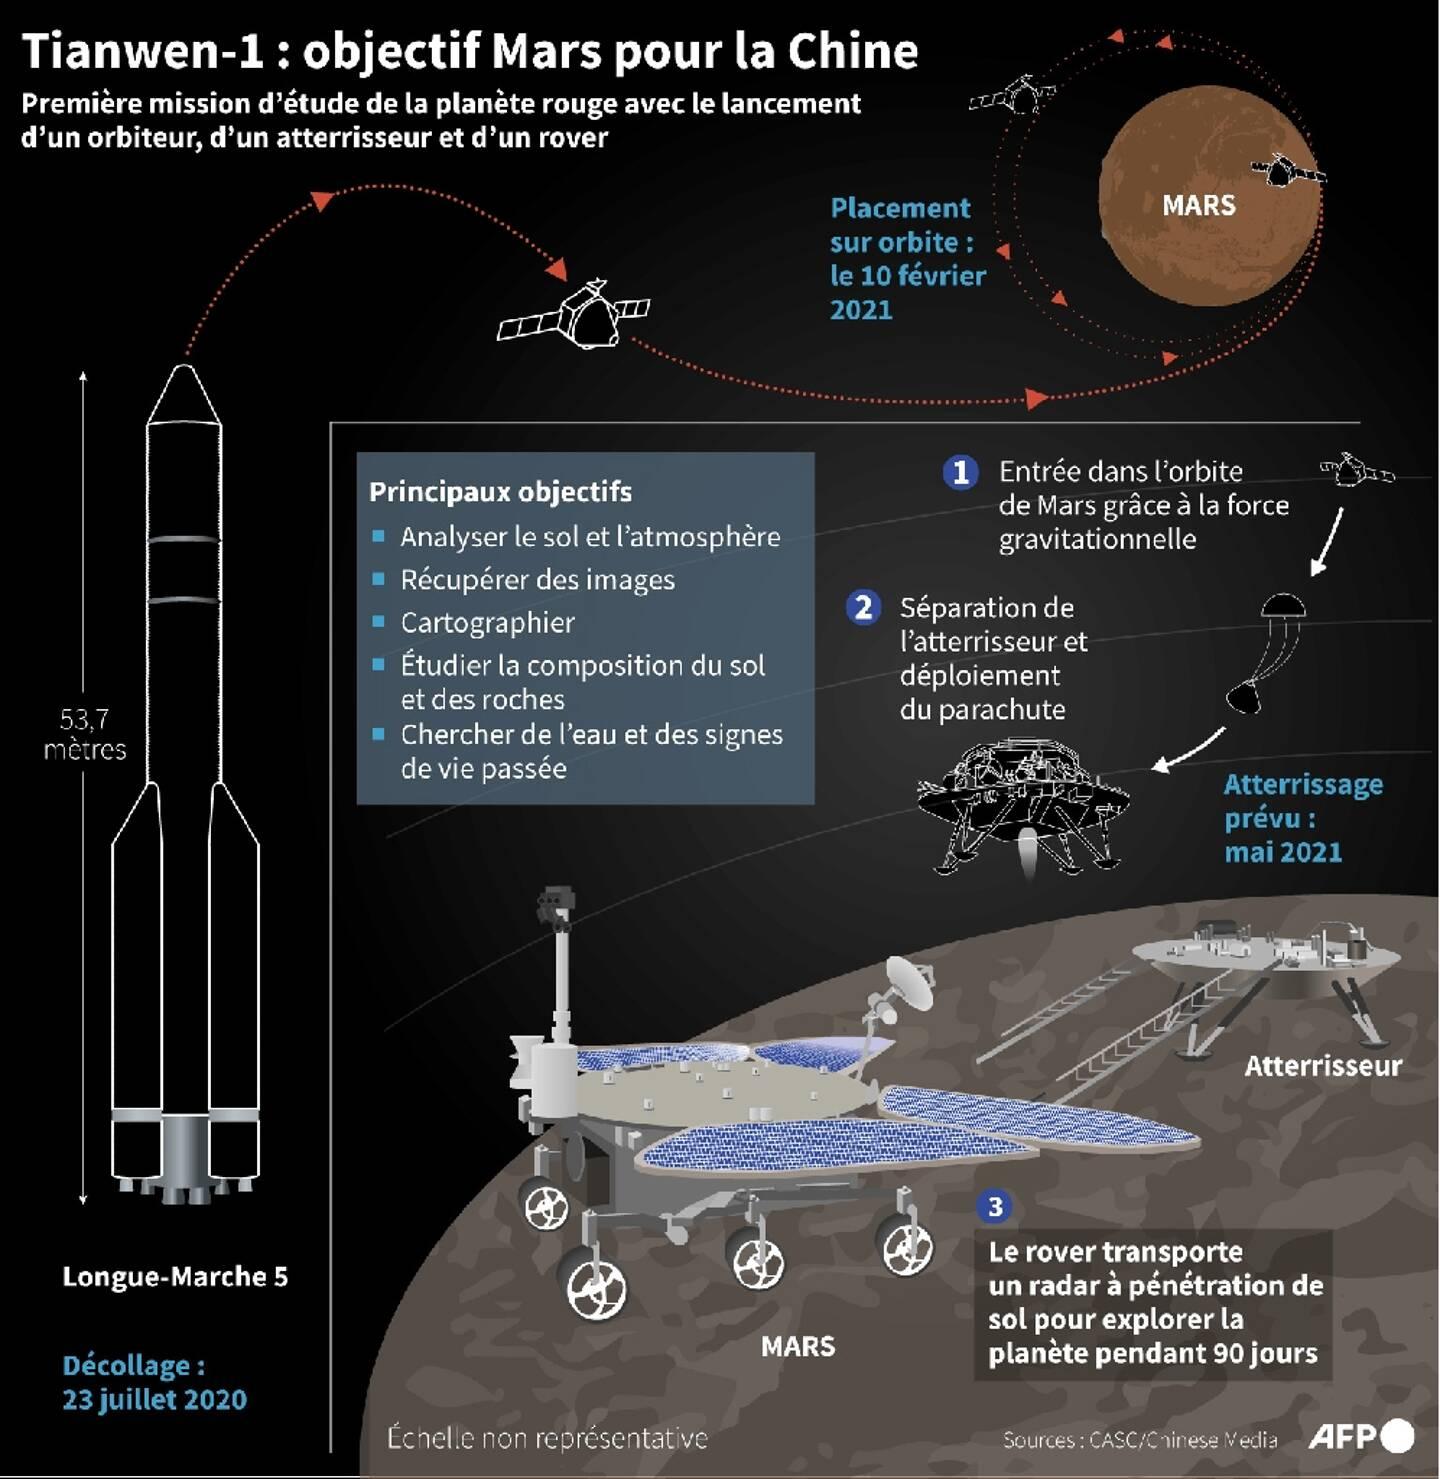 Tianwen-1: objectif Mars pour la Chine